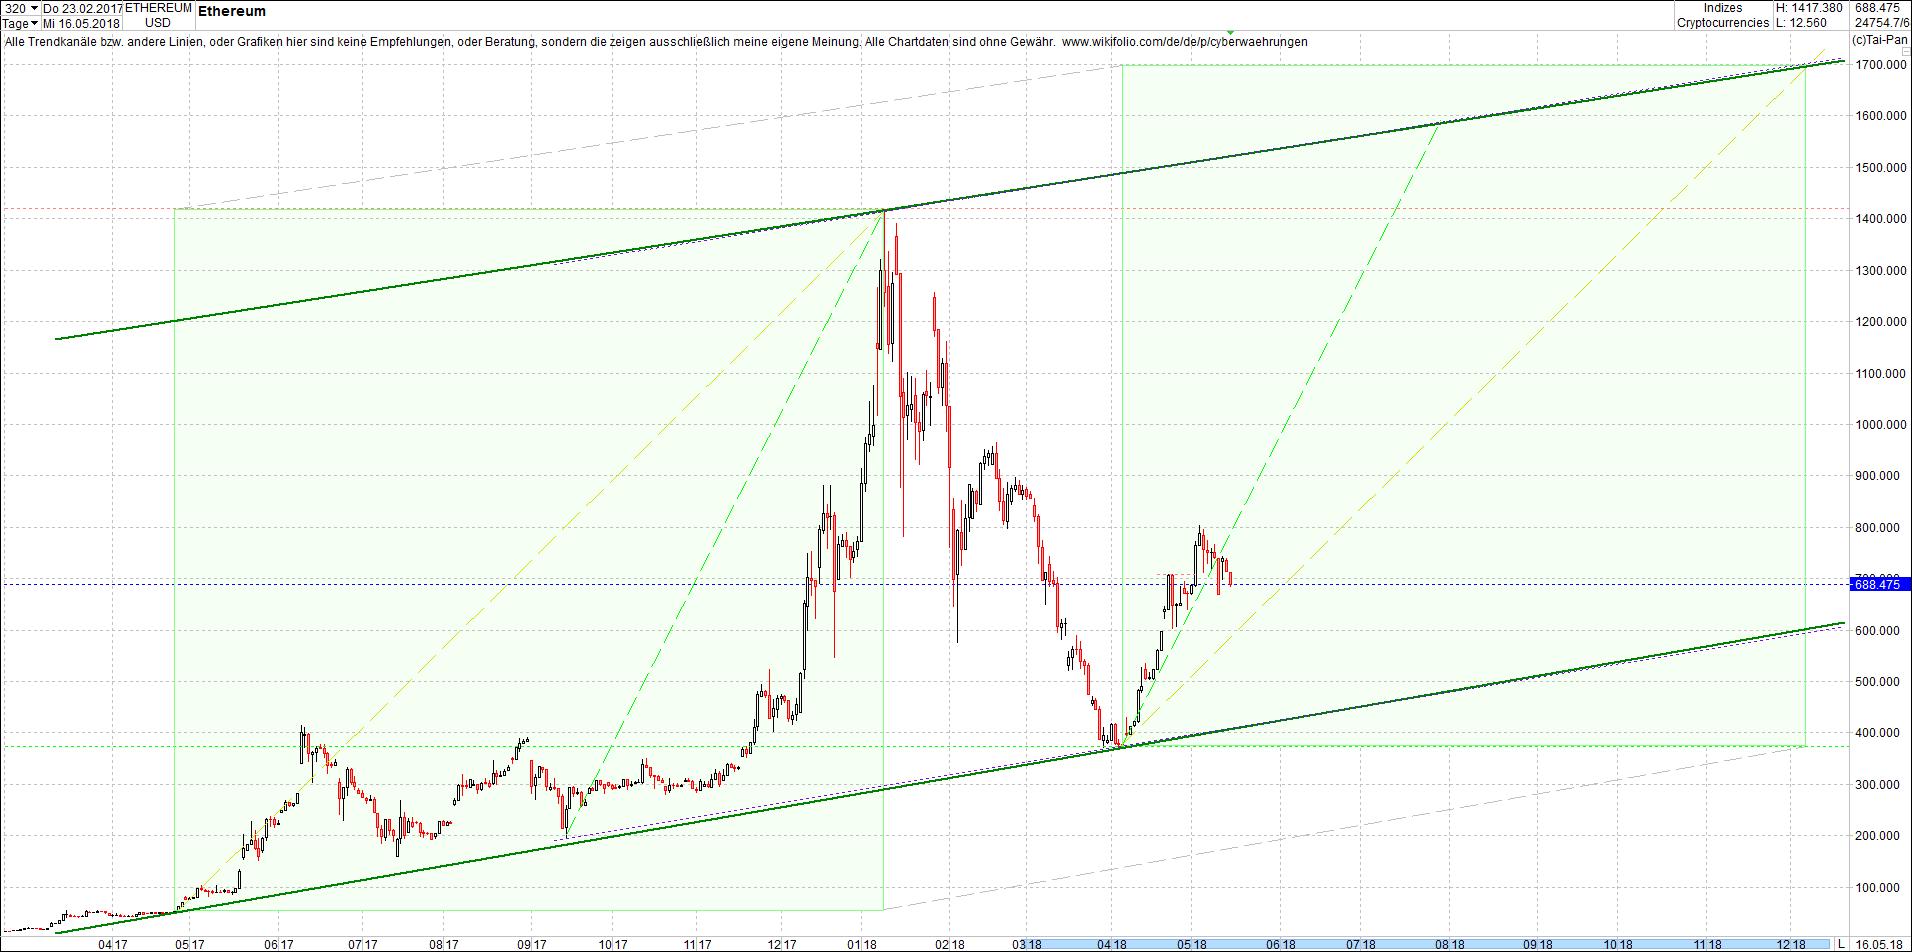 ethereum_chart_von_heute_morgen5.png